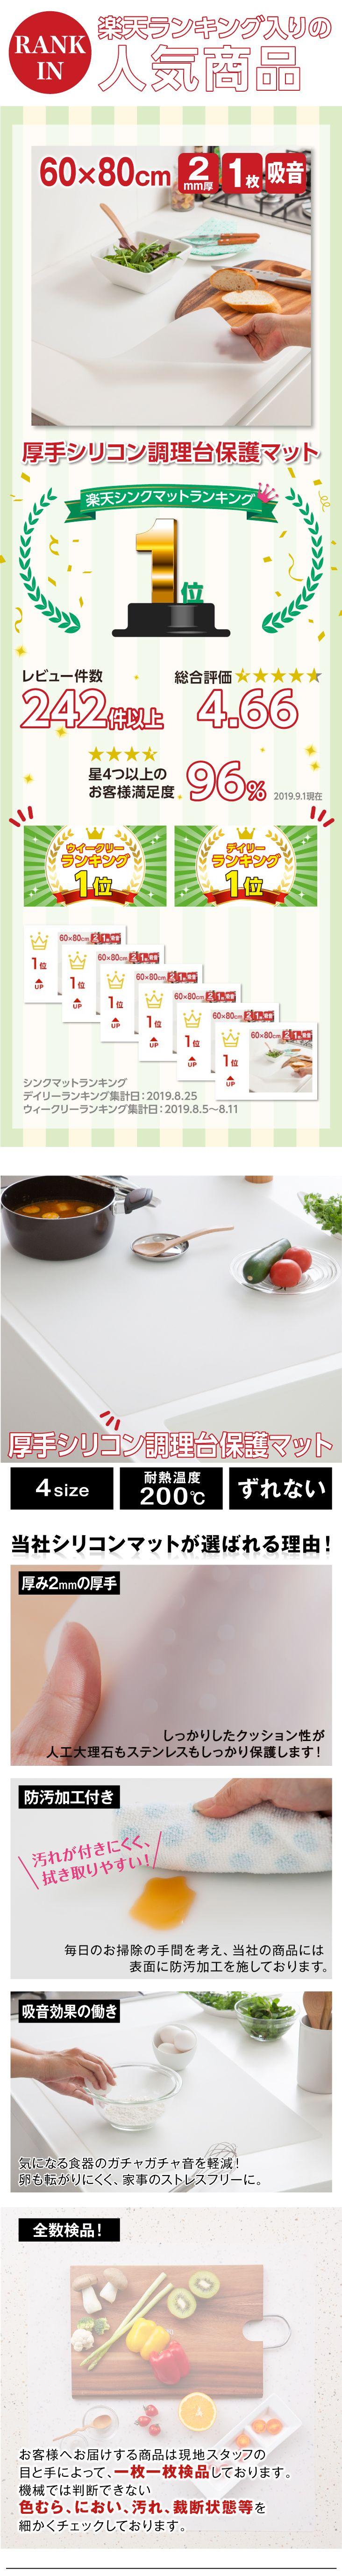 楽天市場 キッチン シリコン調理台保護マット 80x60cm アール 厚手